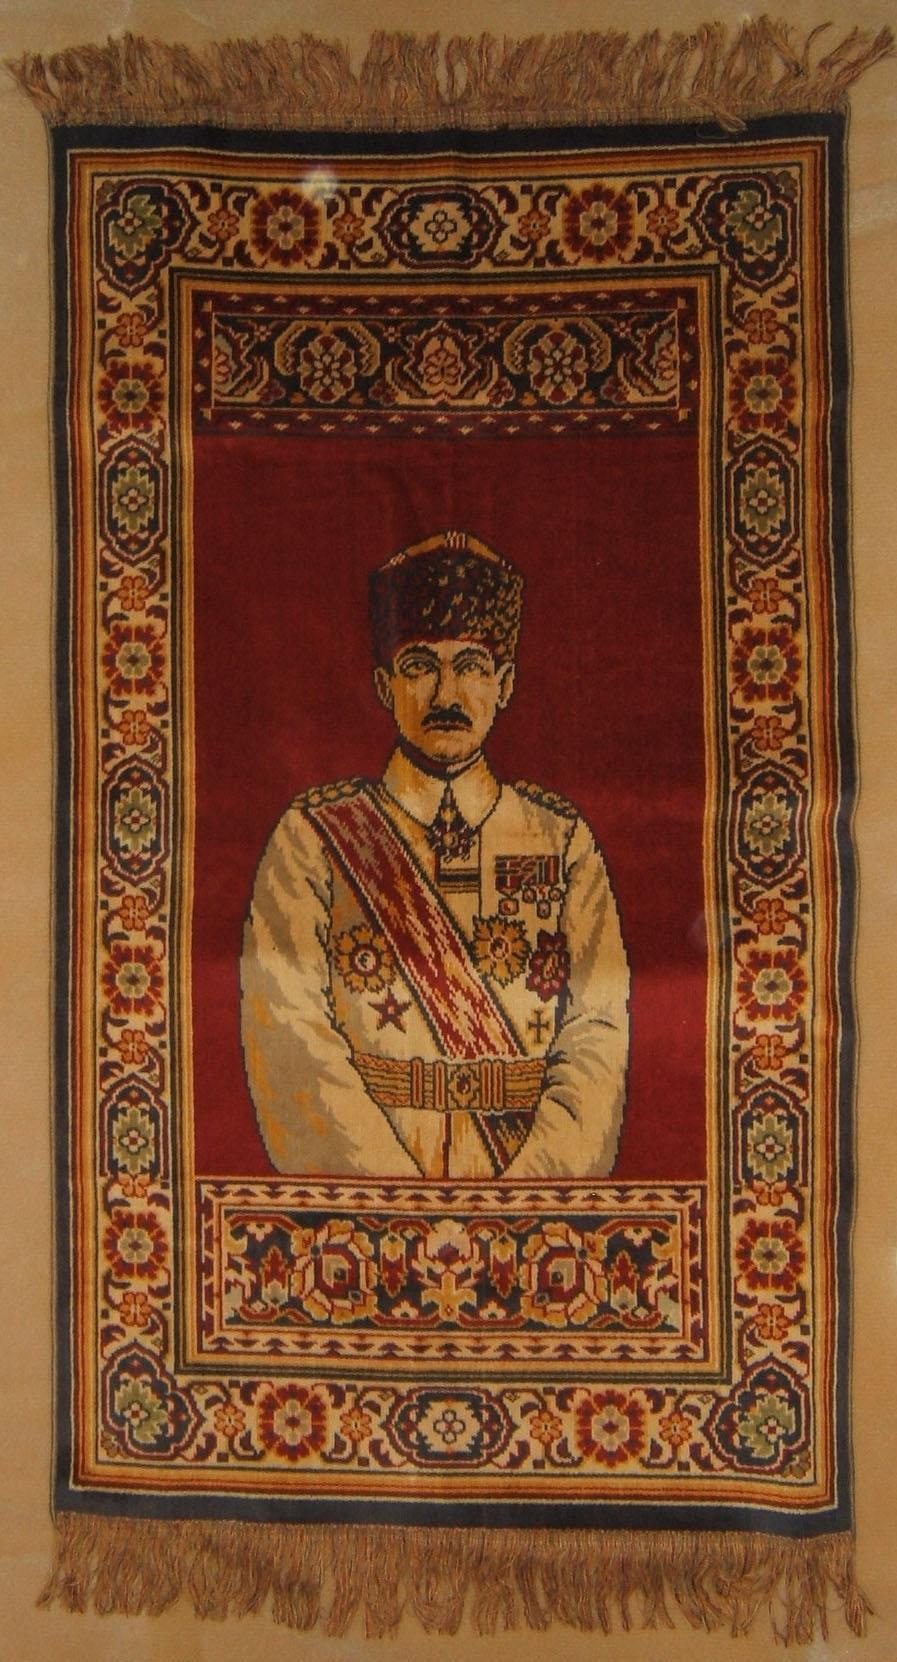 Mustafa Kemal [Atatürk],Jüdischer Teppich von Alliance Israelite Universelle Schule, 1918